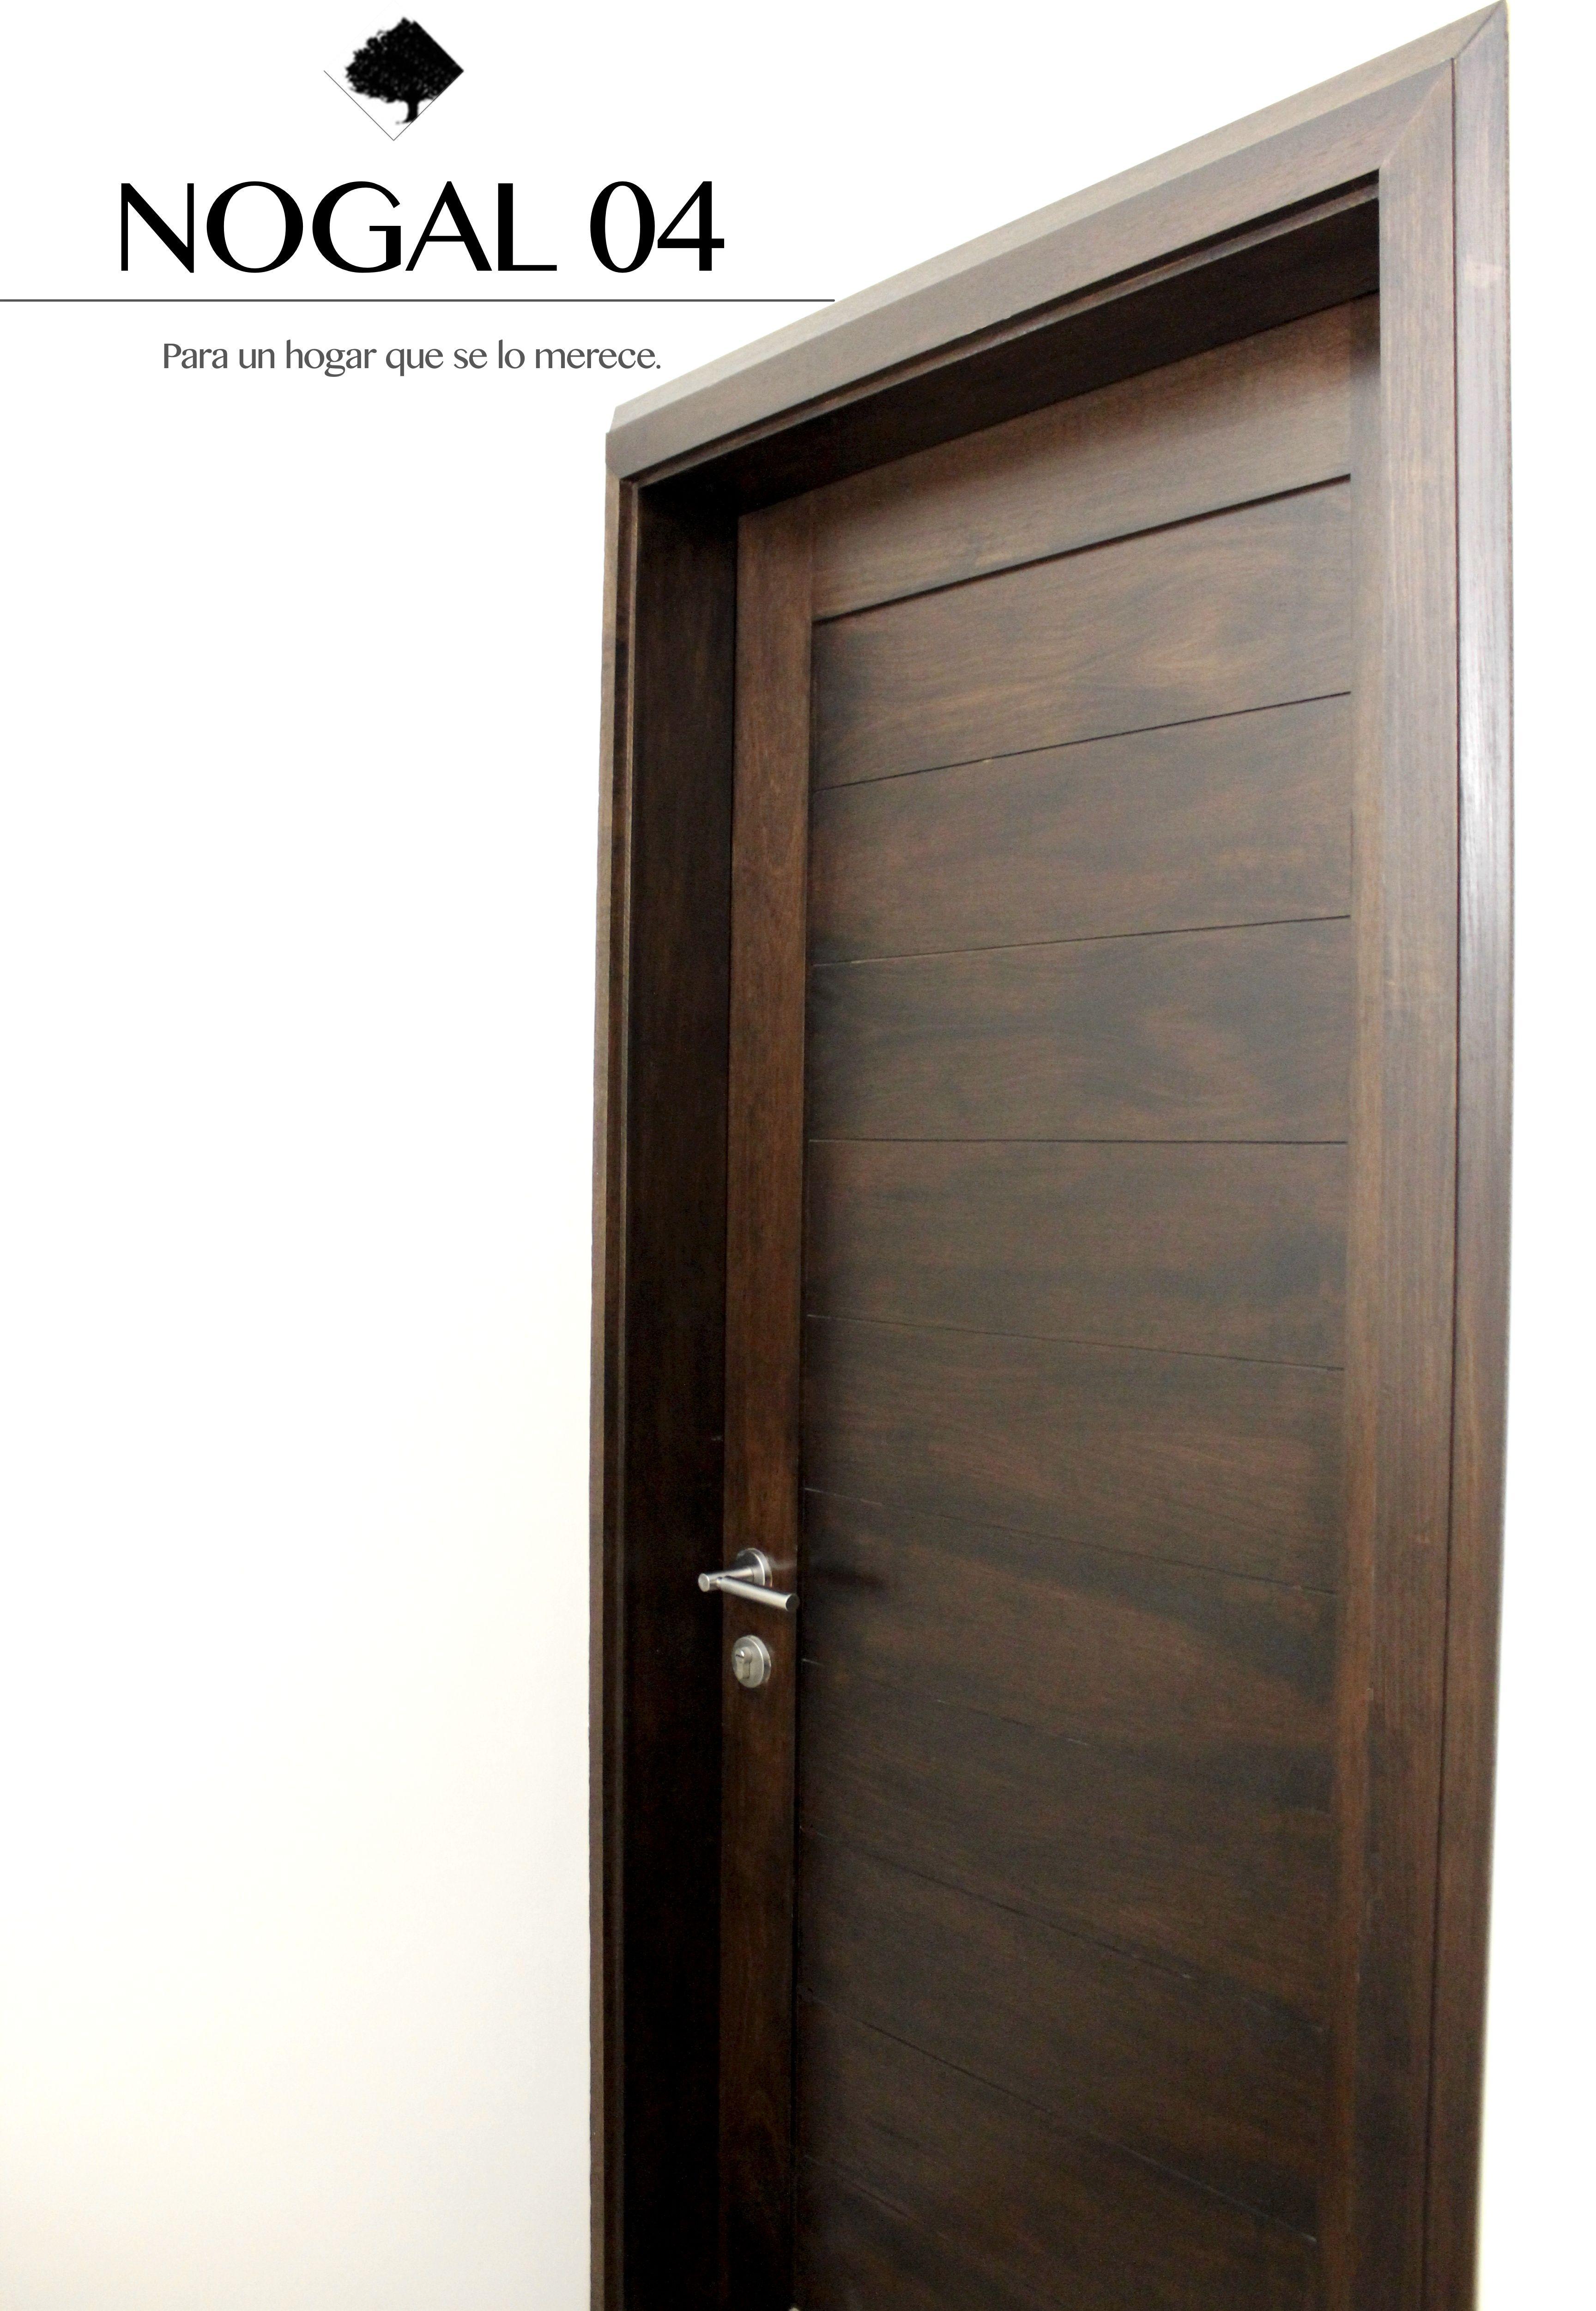 Nogal 04 puertas contempor neas en madera banack for Puertas economicas para interiores